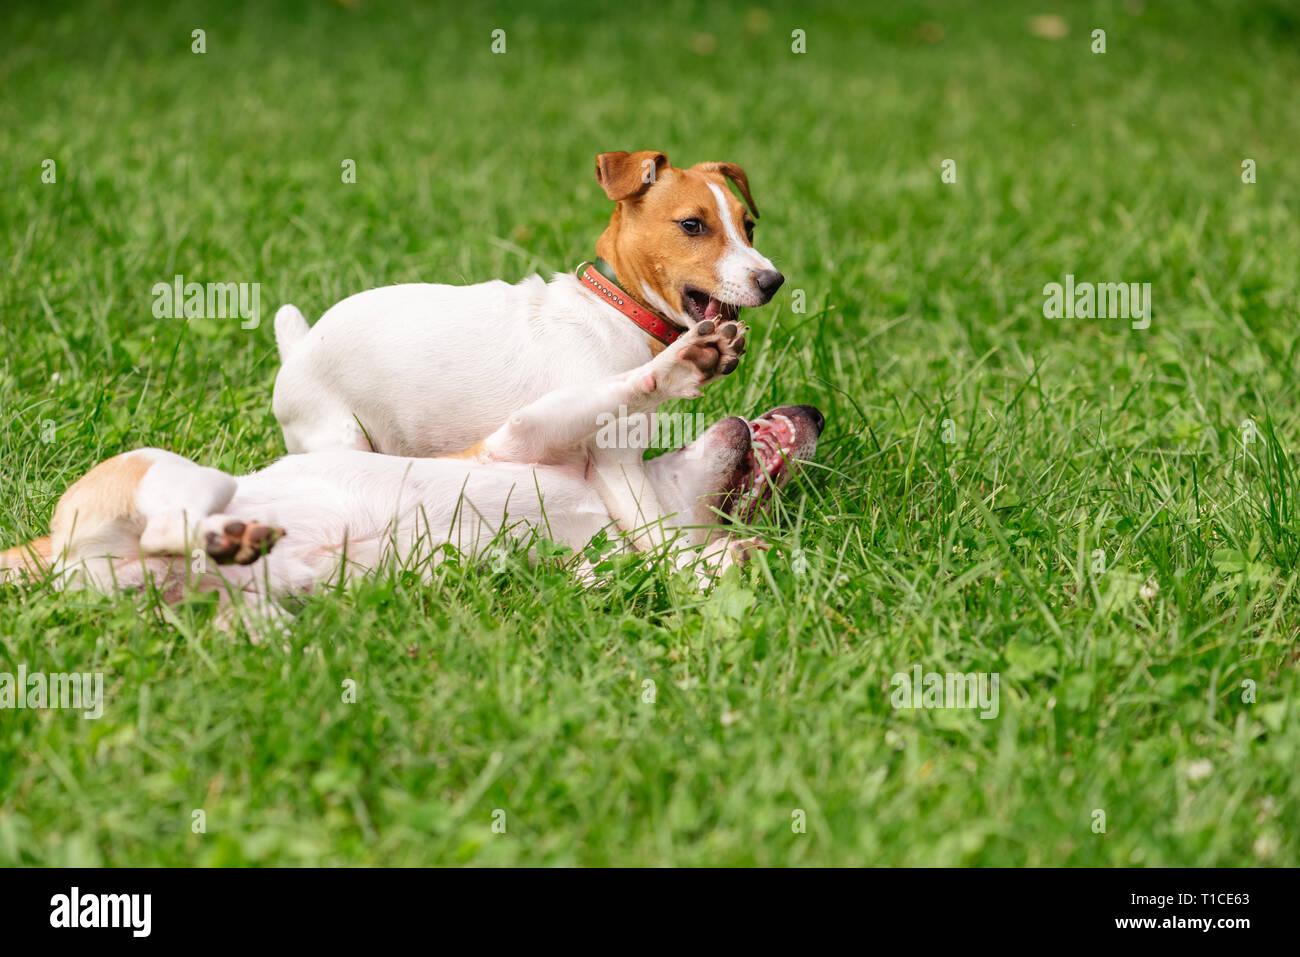 Cane zampa di sollevamento per il riscatto di wrestling in concorrenza con un altro cane Immagini Stock